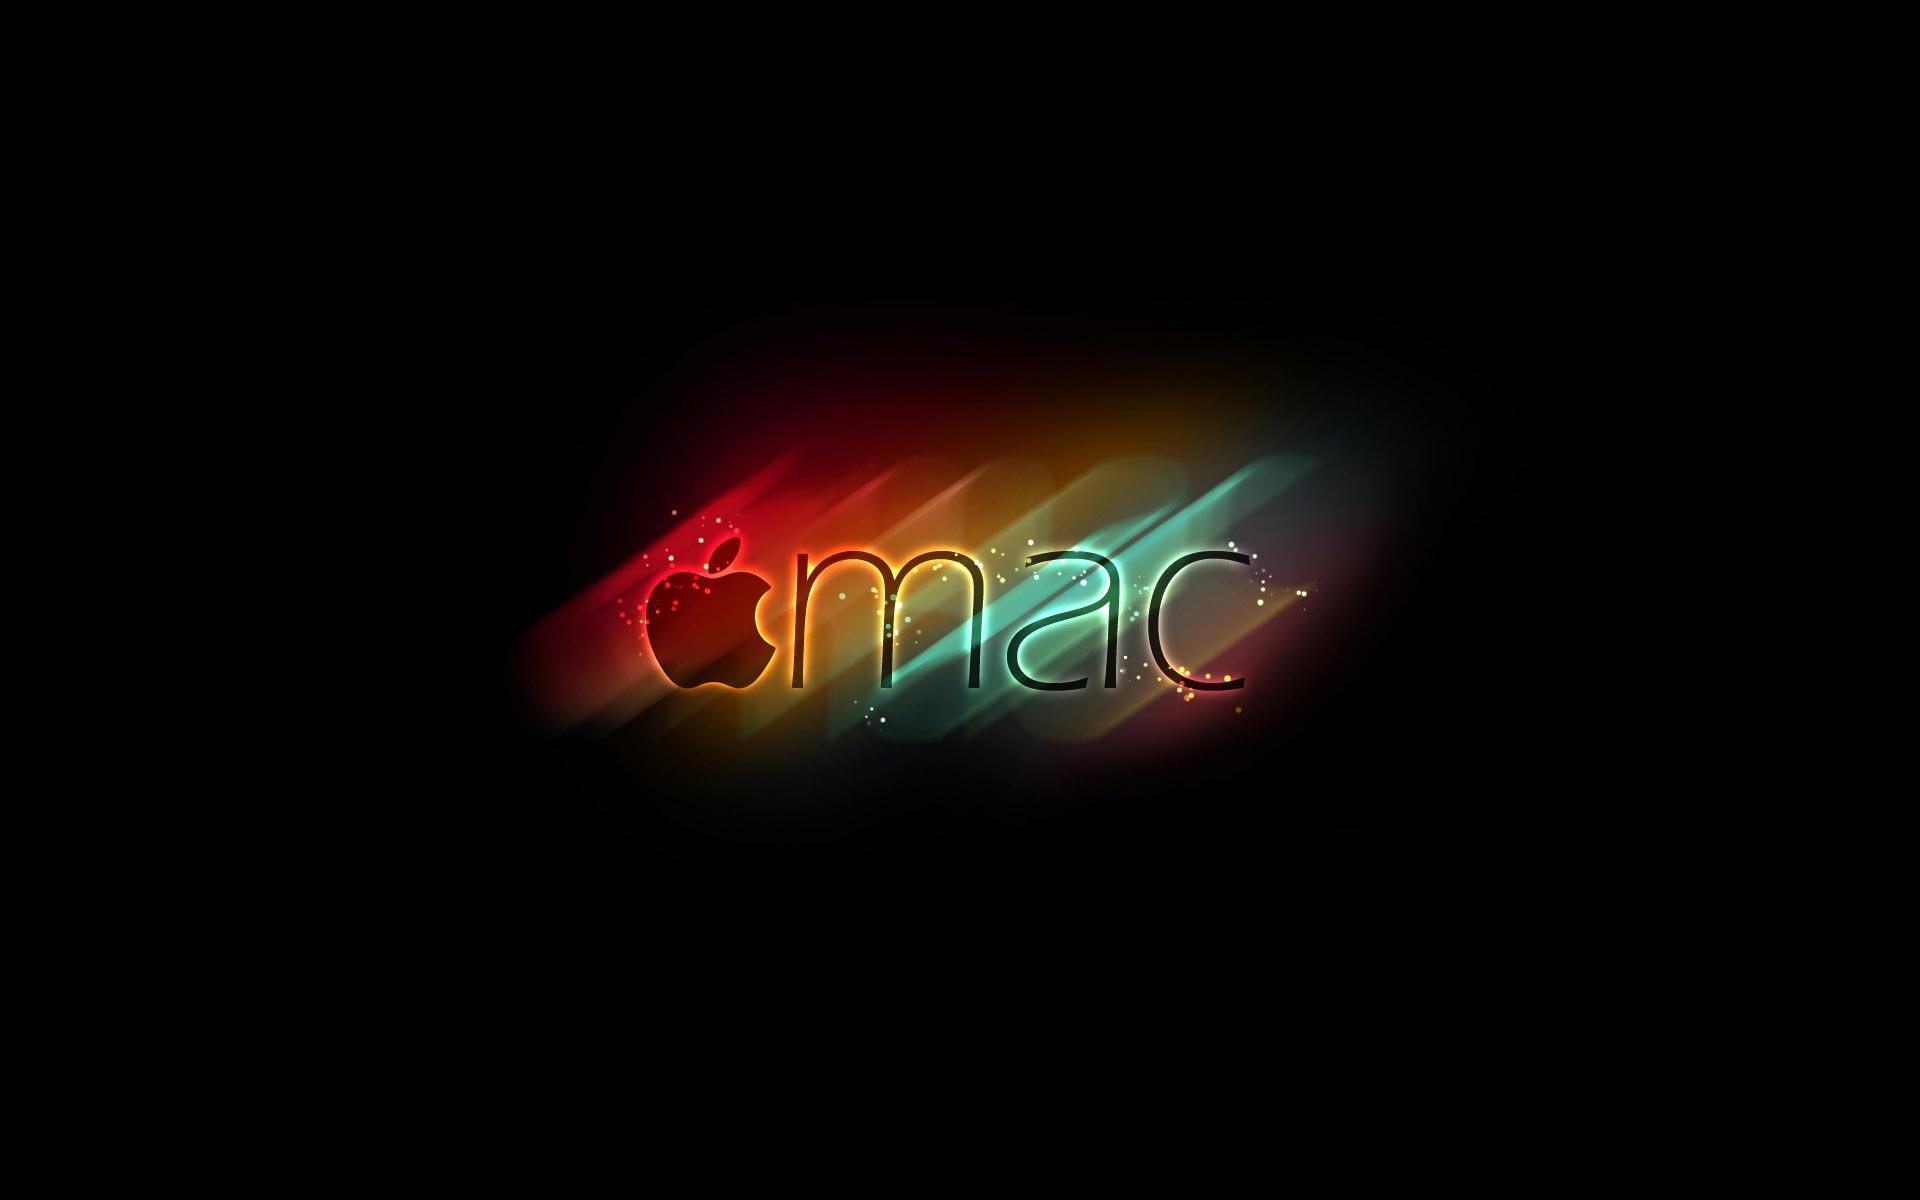 Macbook Pro Backgrounds wallpaper Macbook Pro Backgrounds hd 1920x1200